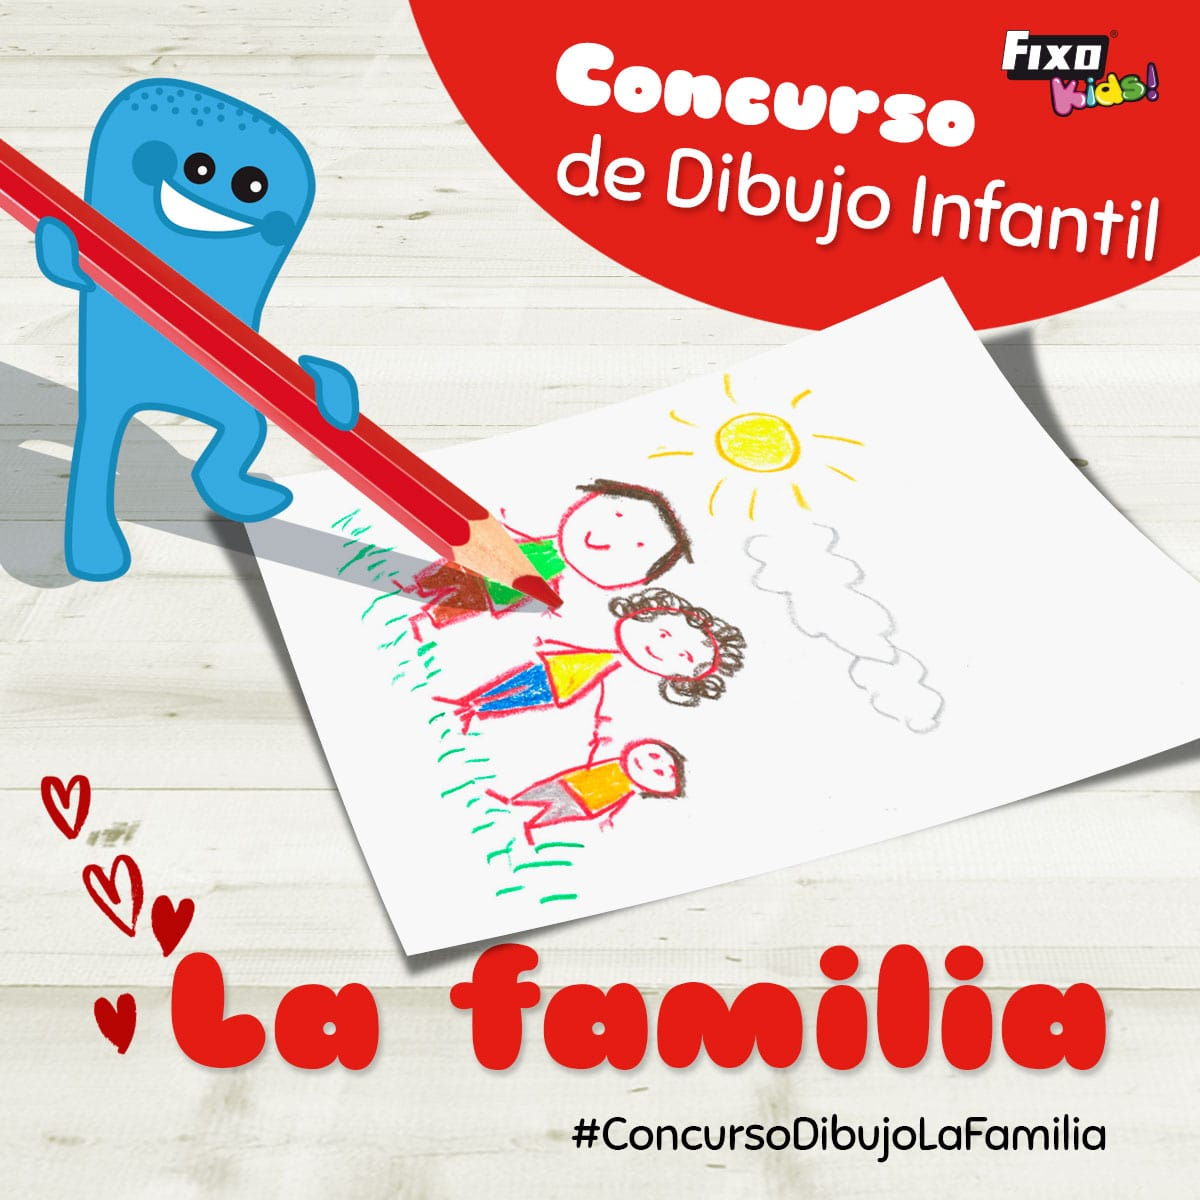 concurso de dibujo infantil: la famlia